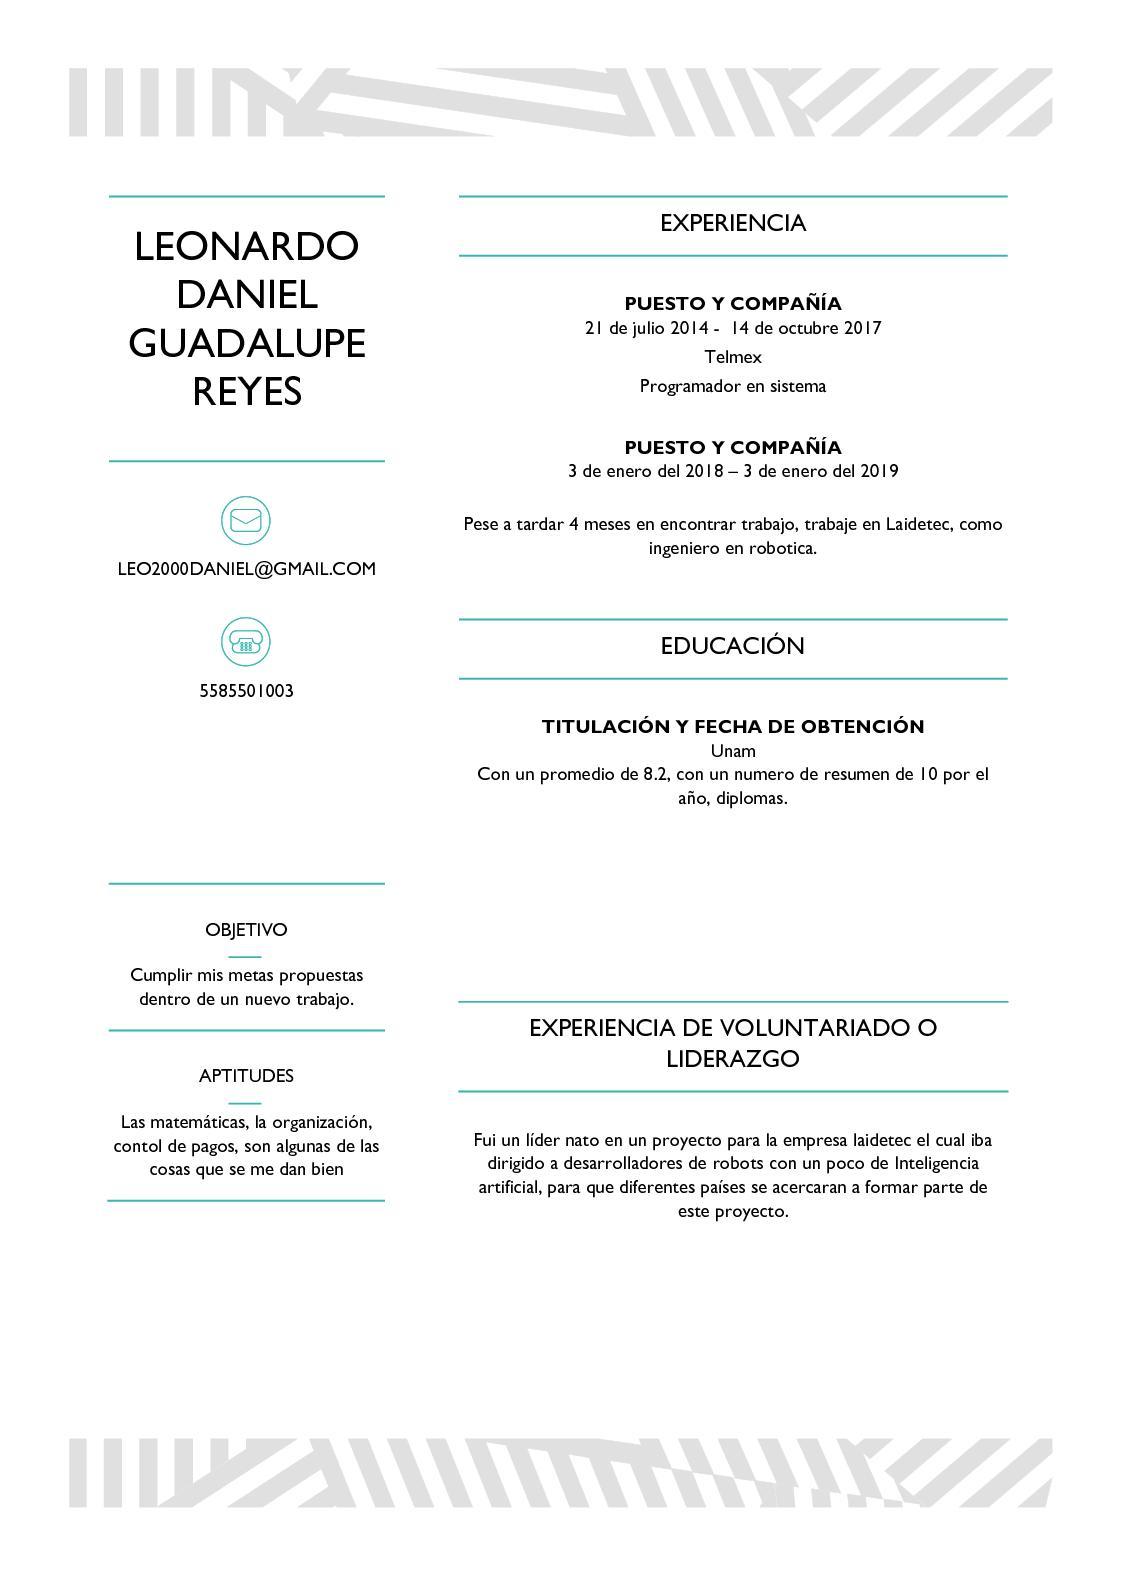 Calaméo - Curriculum De Leo